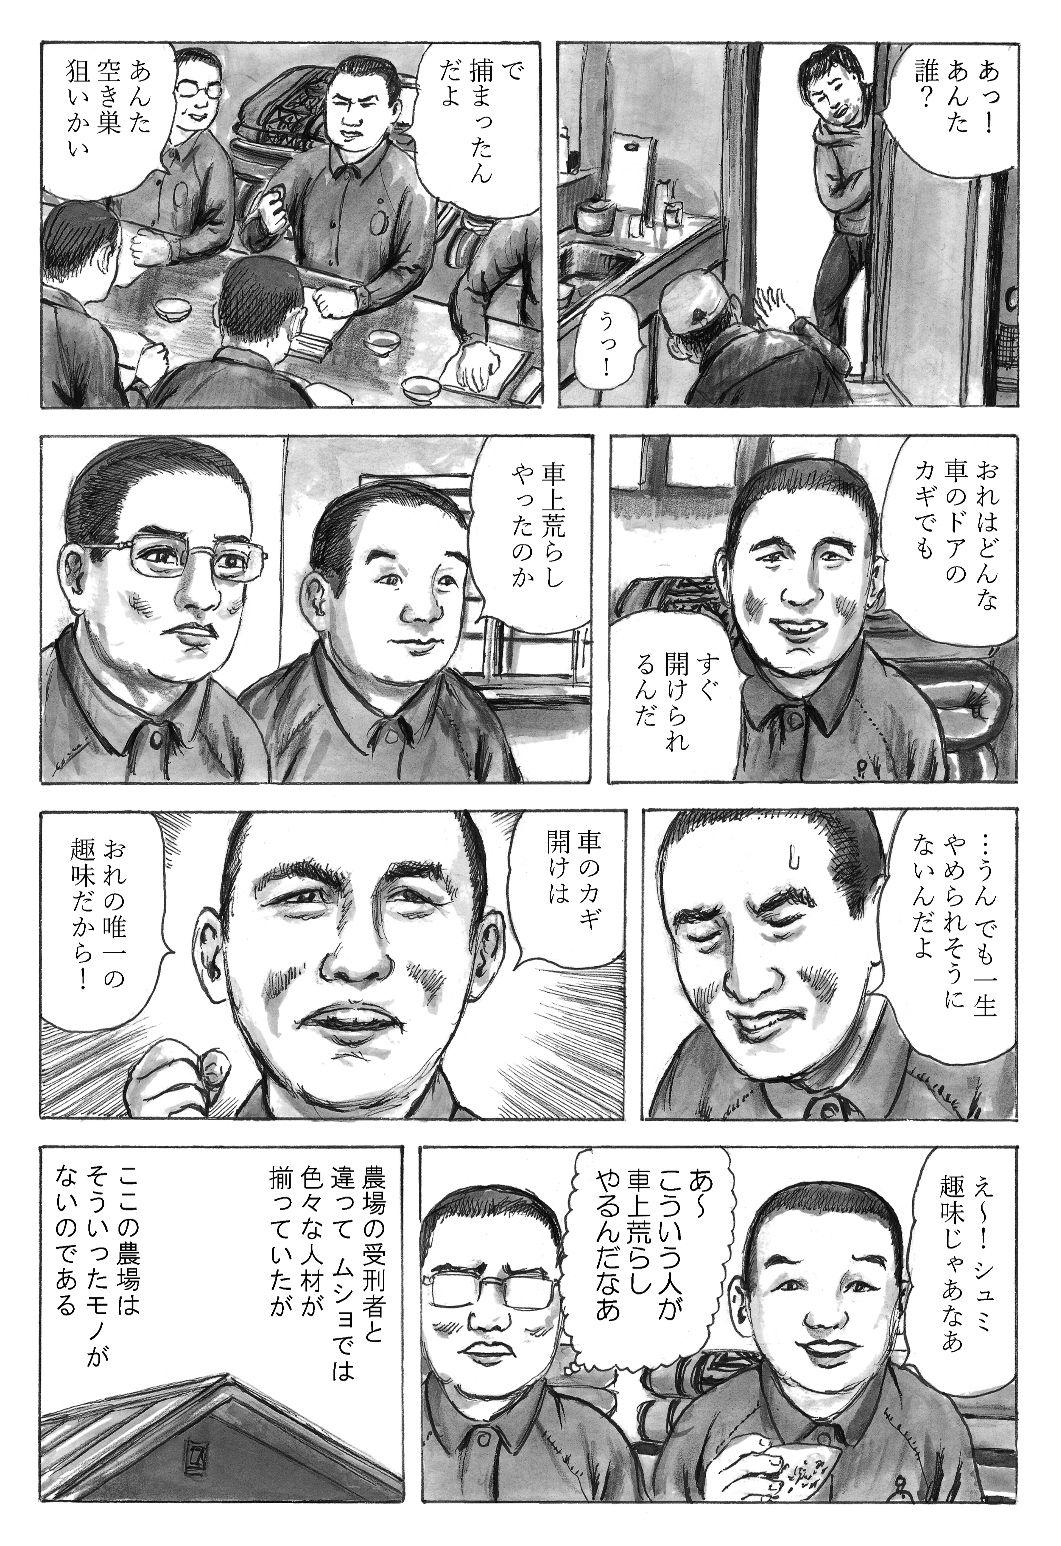 刑務所の中2nd 6 コミクリ 無料マンガ試し読みサイト 刑務所